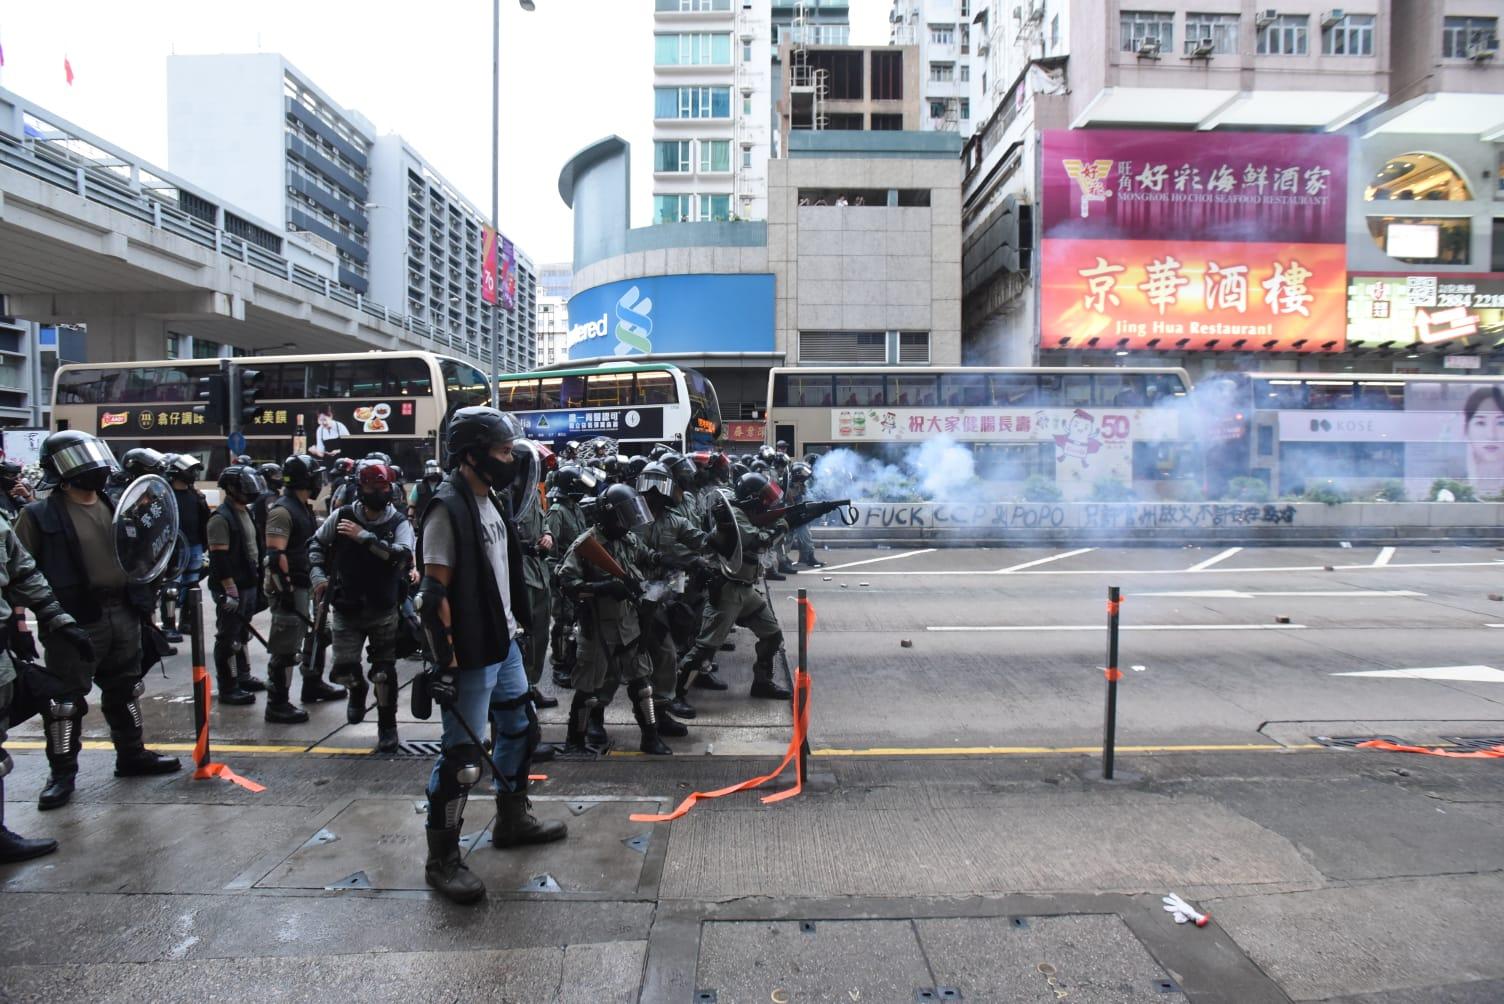 警察驅散示威者。黃文威攝